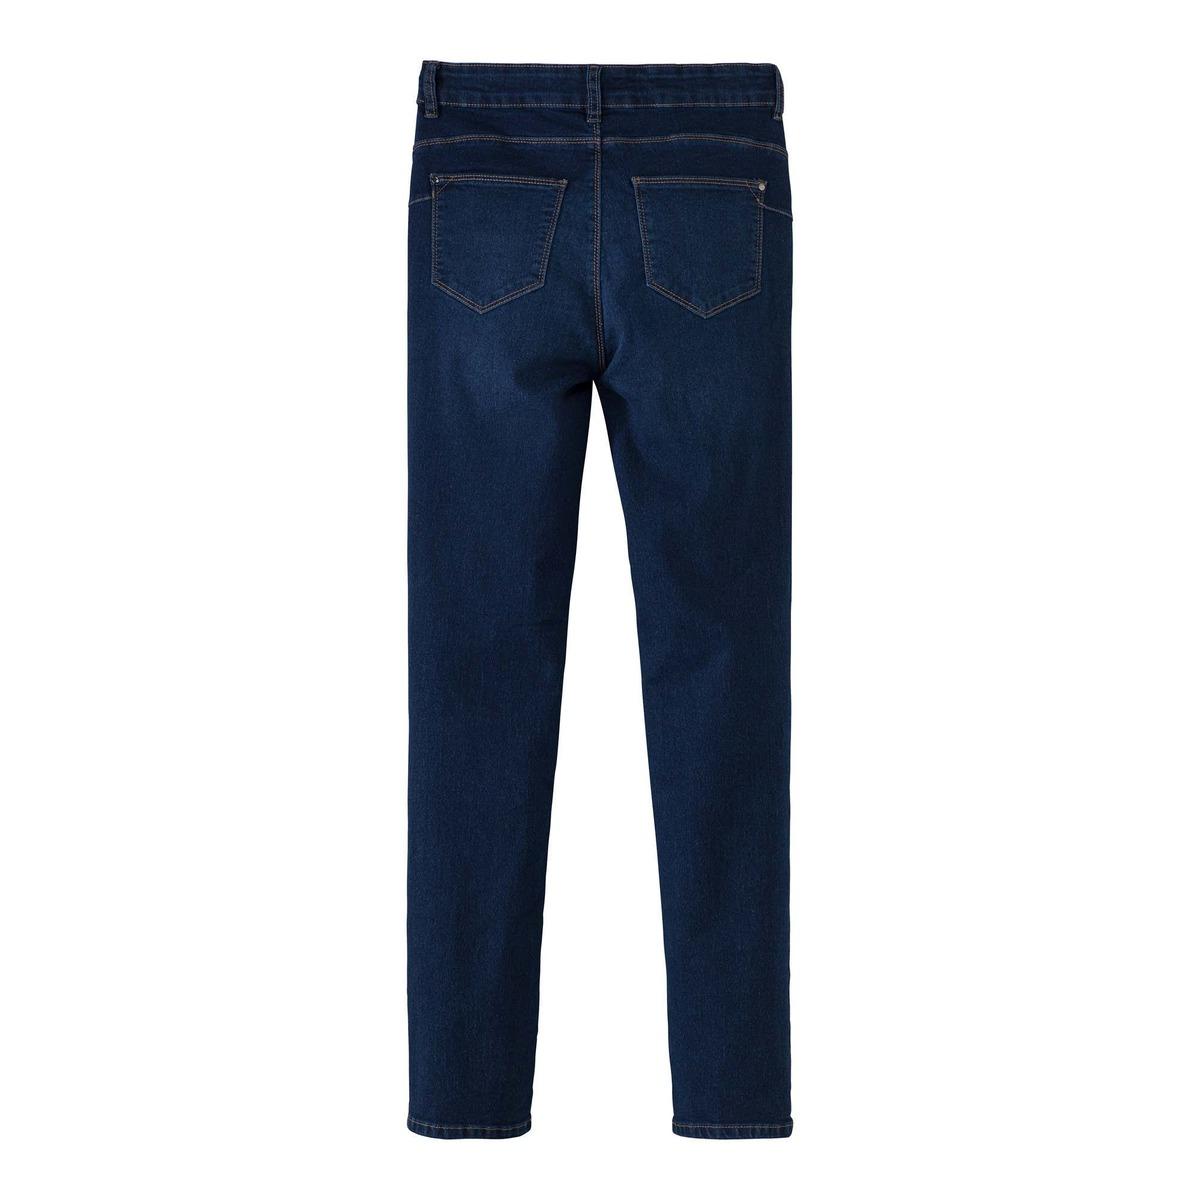 Bild 5 von Damen-Stooker-Jeans mit High-Waist-Cut, große Größen